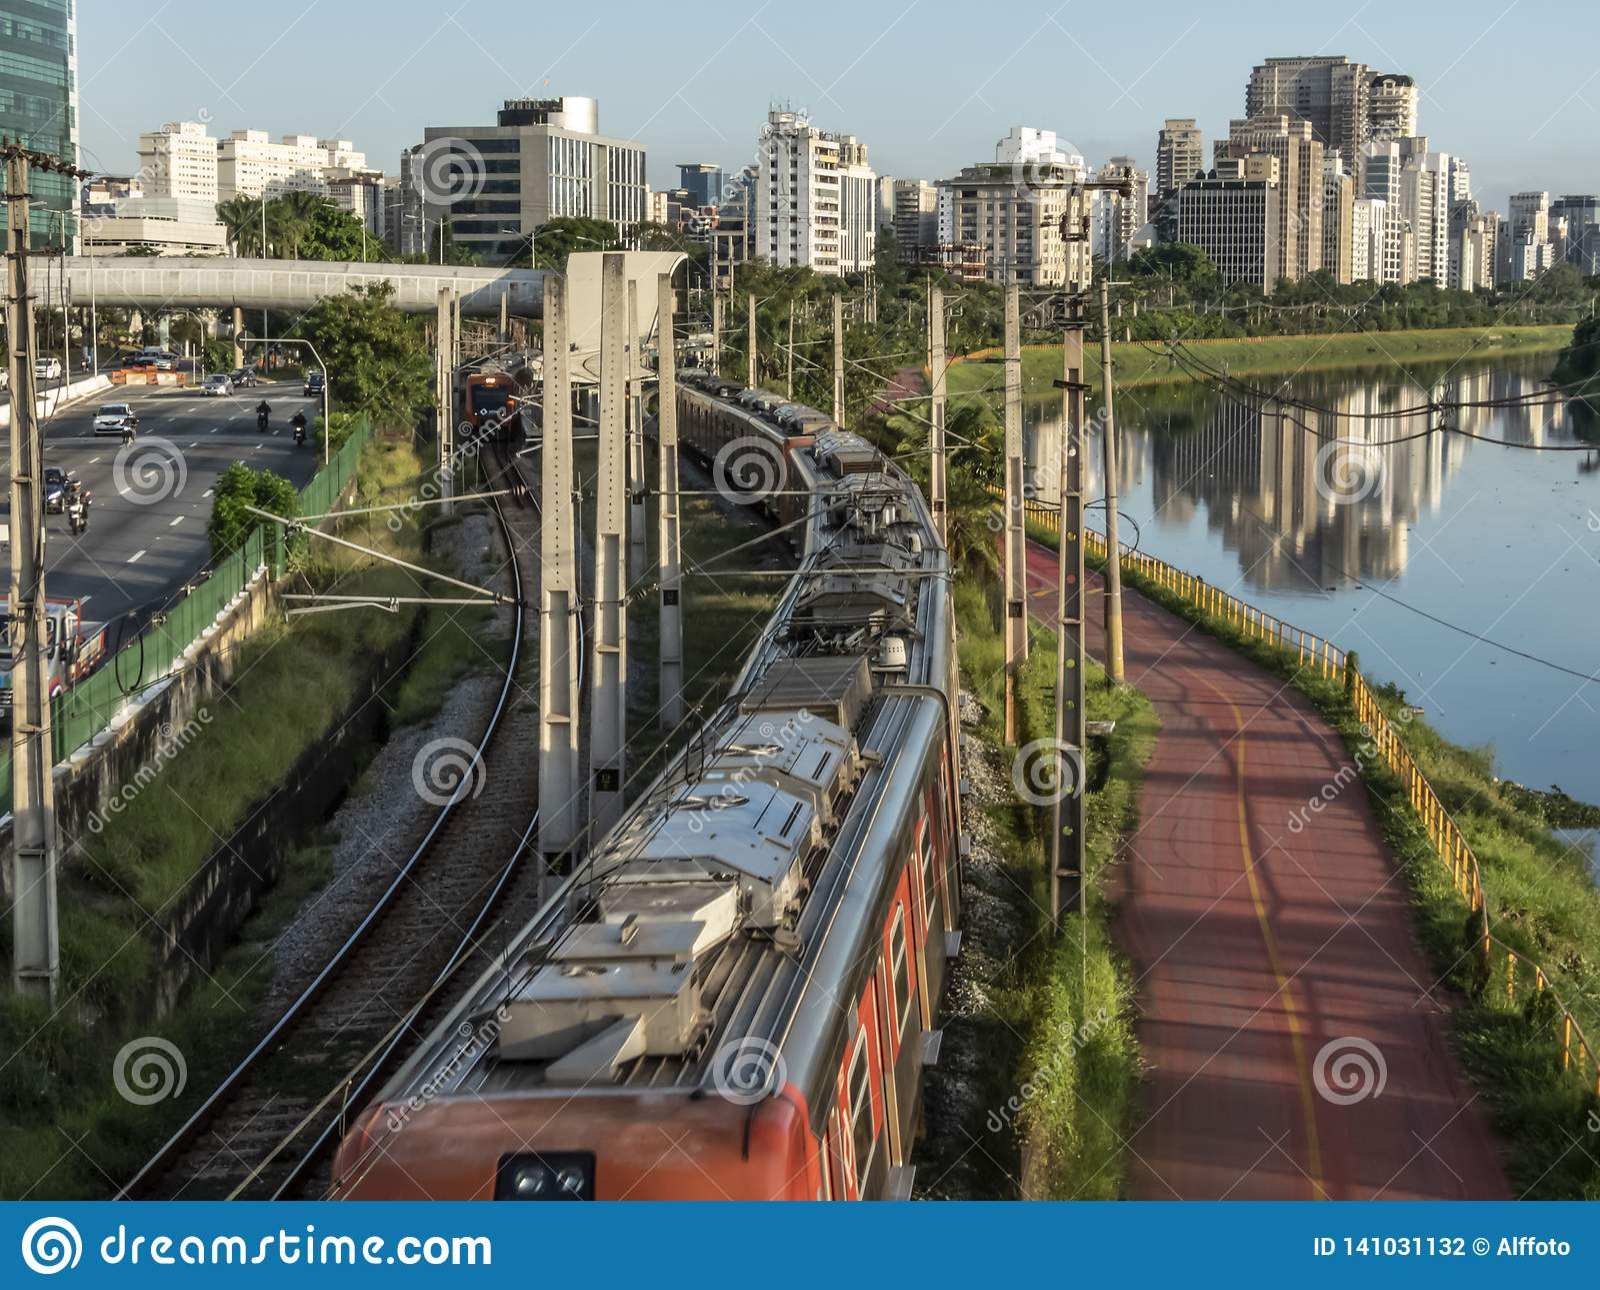 Ansicht von Gebäuden, VON CPTM-Zug, von Verkehr von Fahrzeugen und von Fluss in der begrenzten Pinheiros-Fluss-Allee